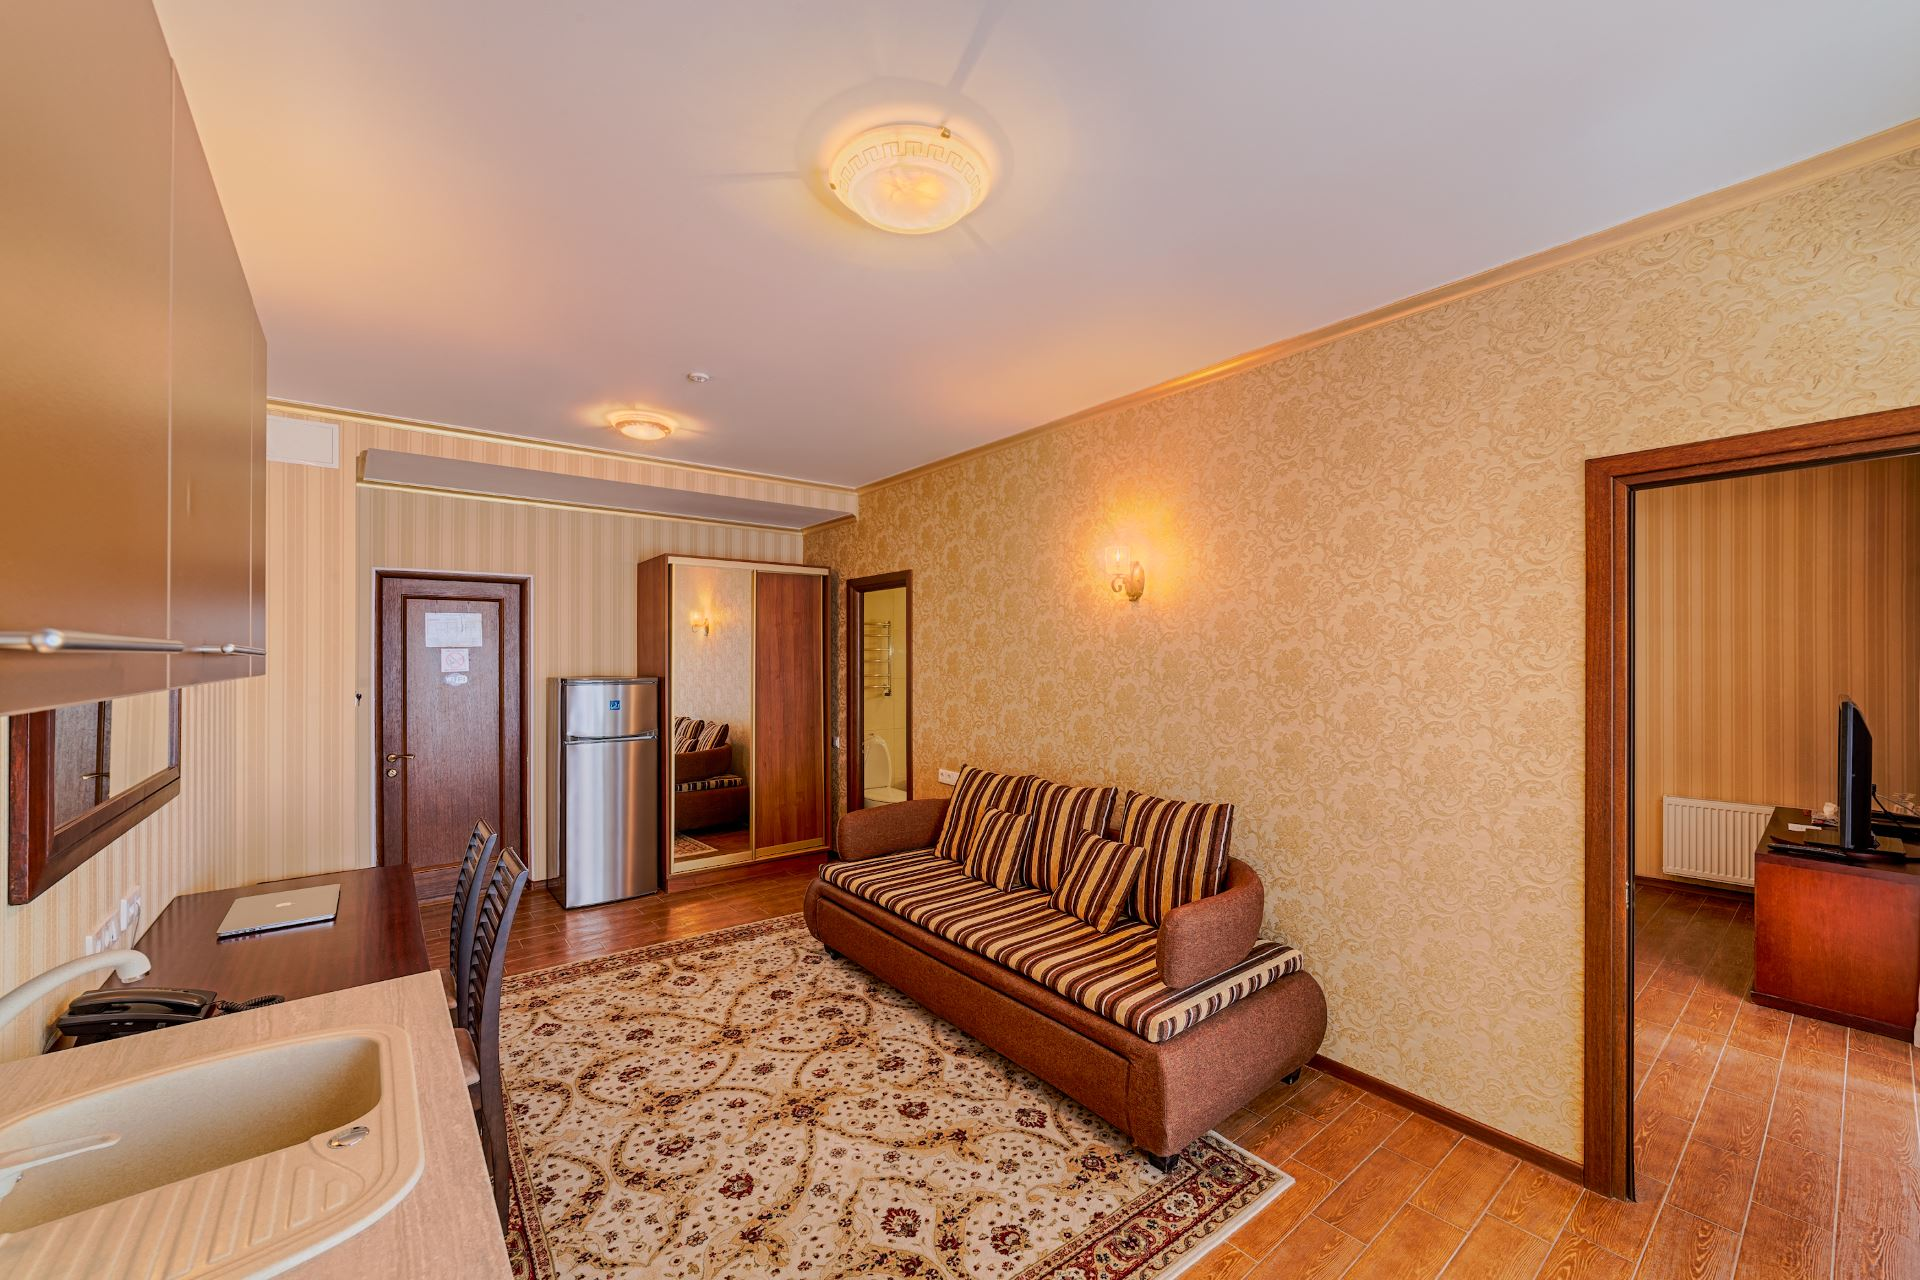 Apartments_MG_0357_HDR